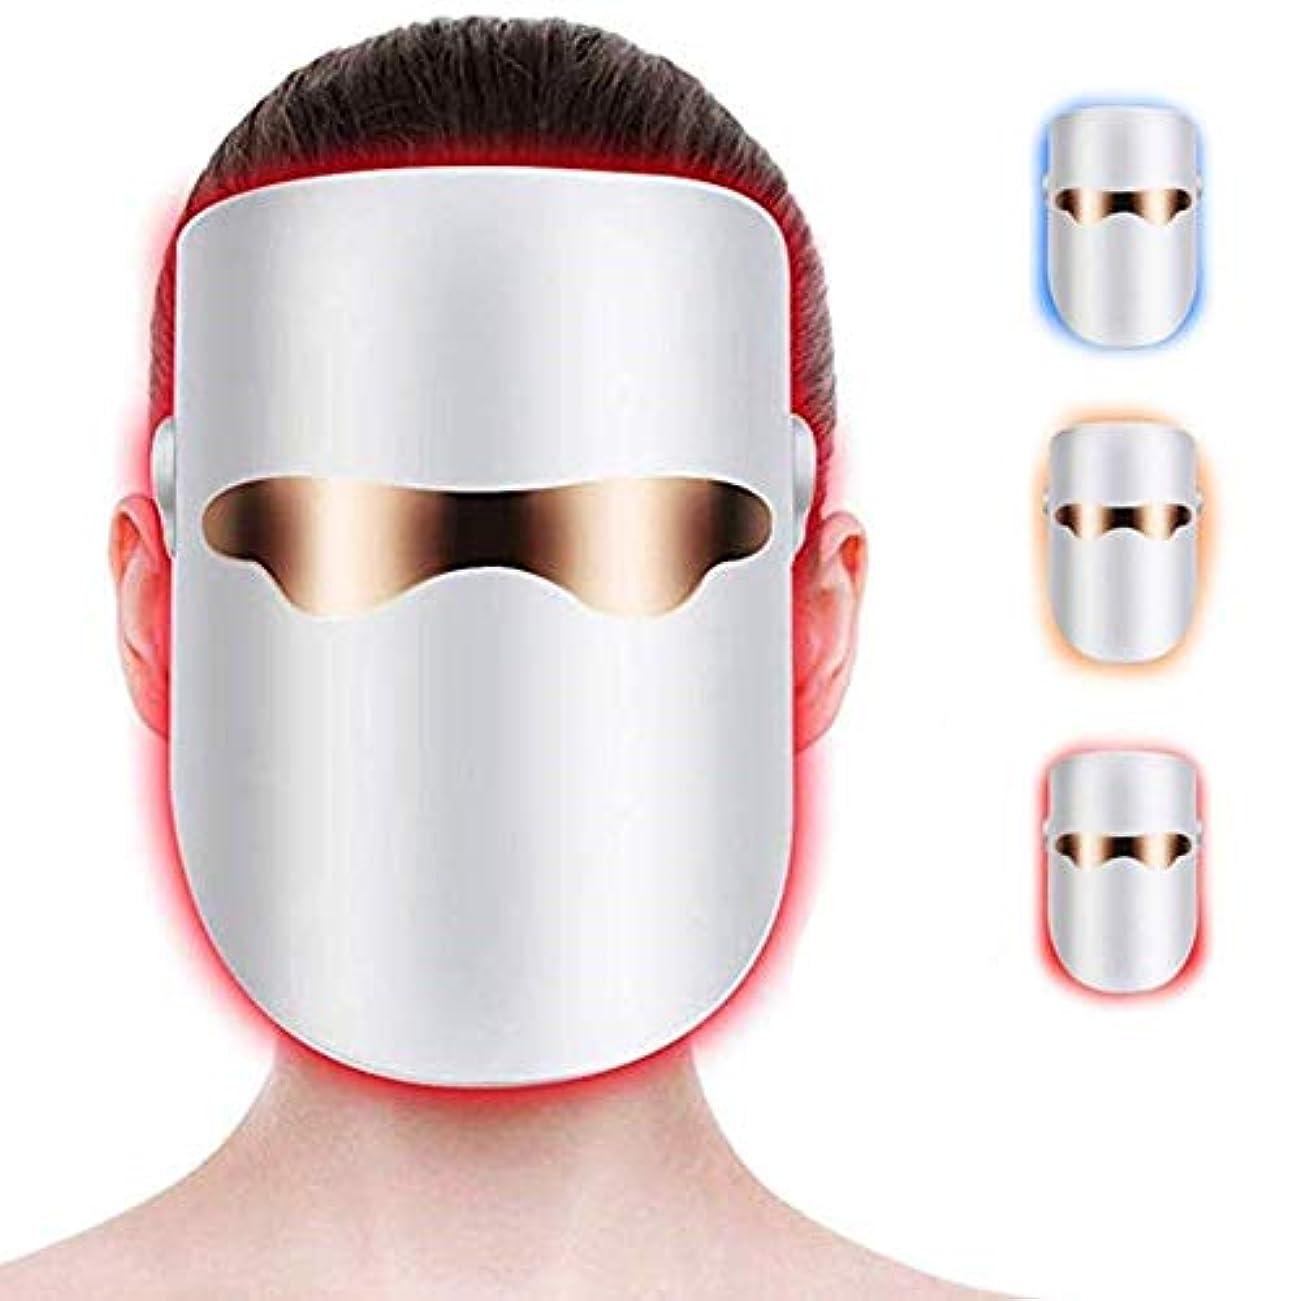 神学校収束はさみLEDフォトンフェイスマスク、しわ用美容スキンケアマスク、にきびアンチエイジング